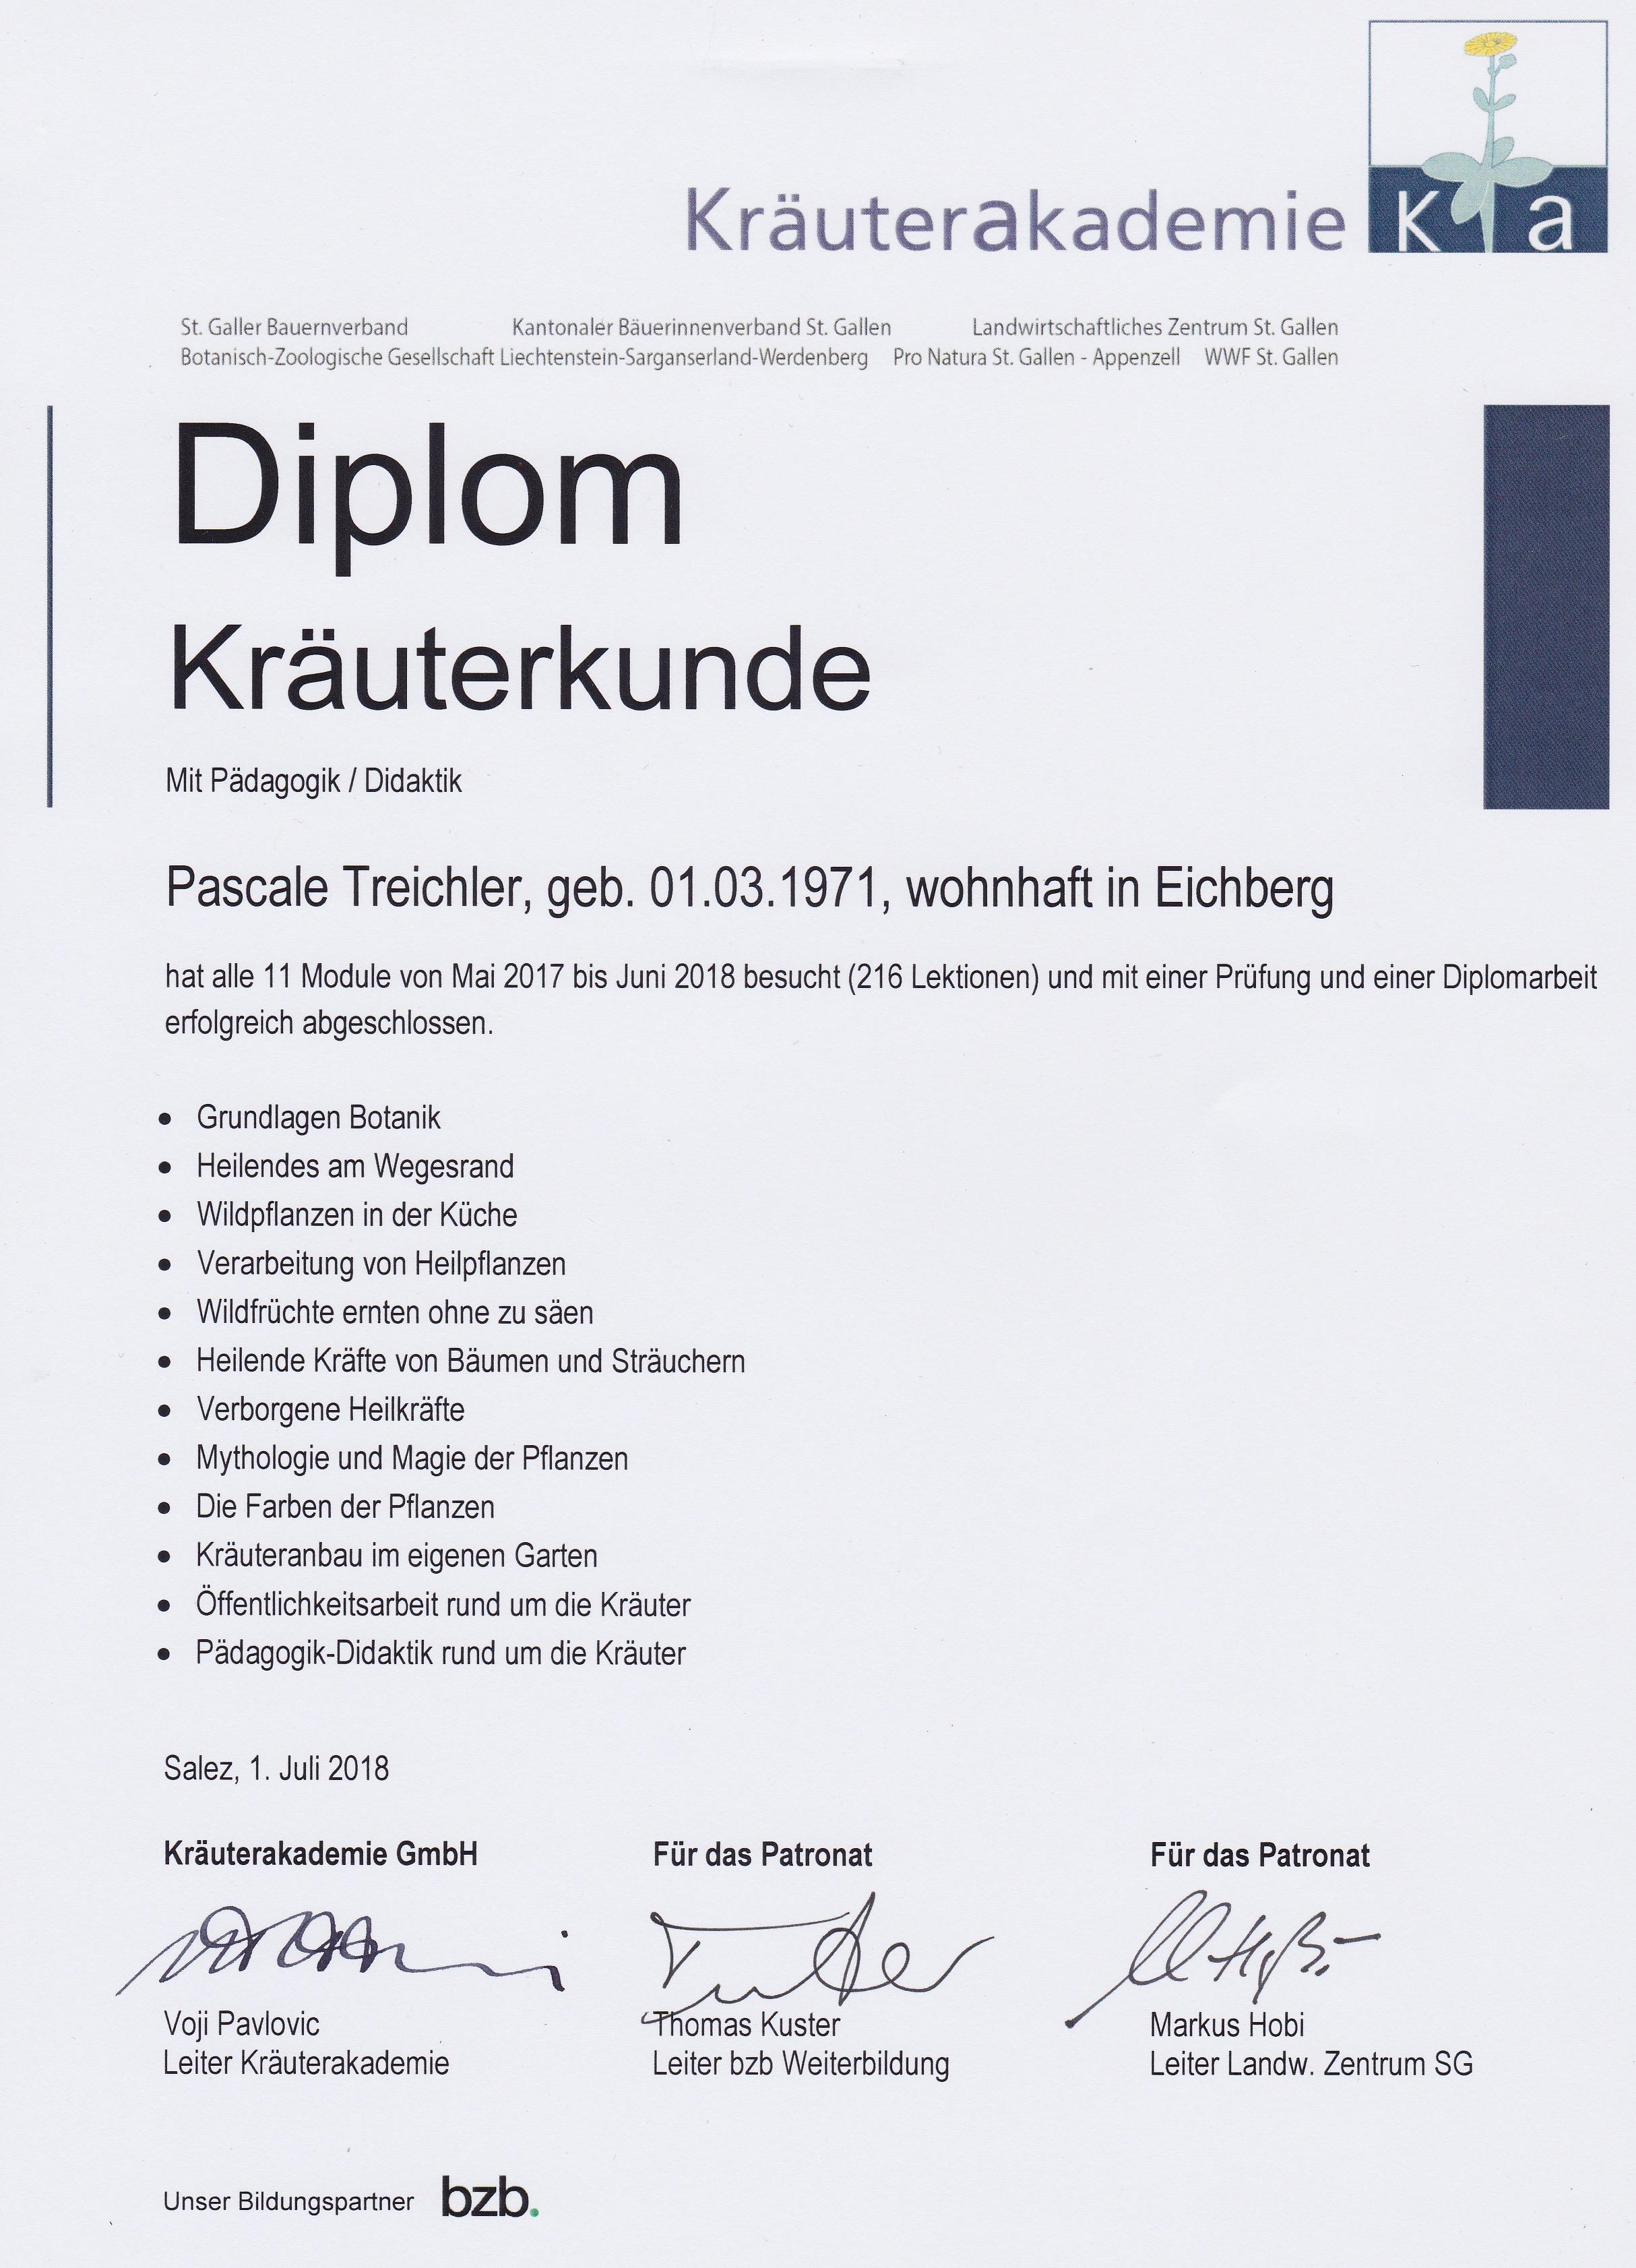 Diplom Kräuterakademie